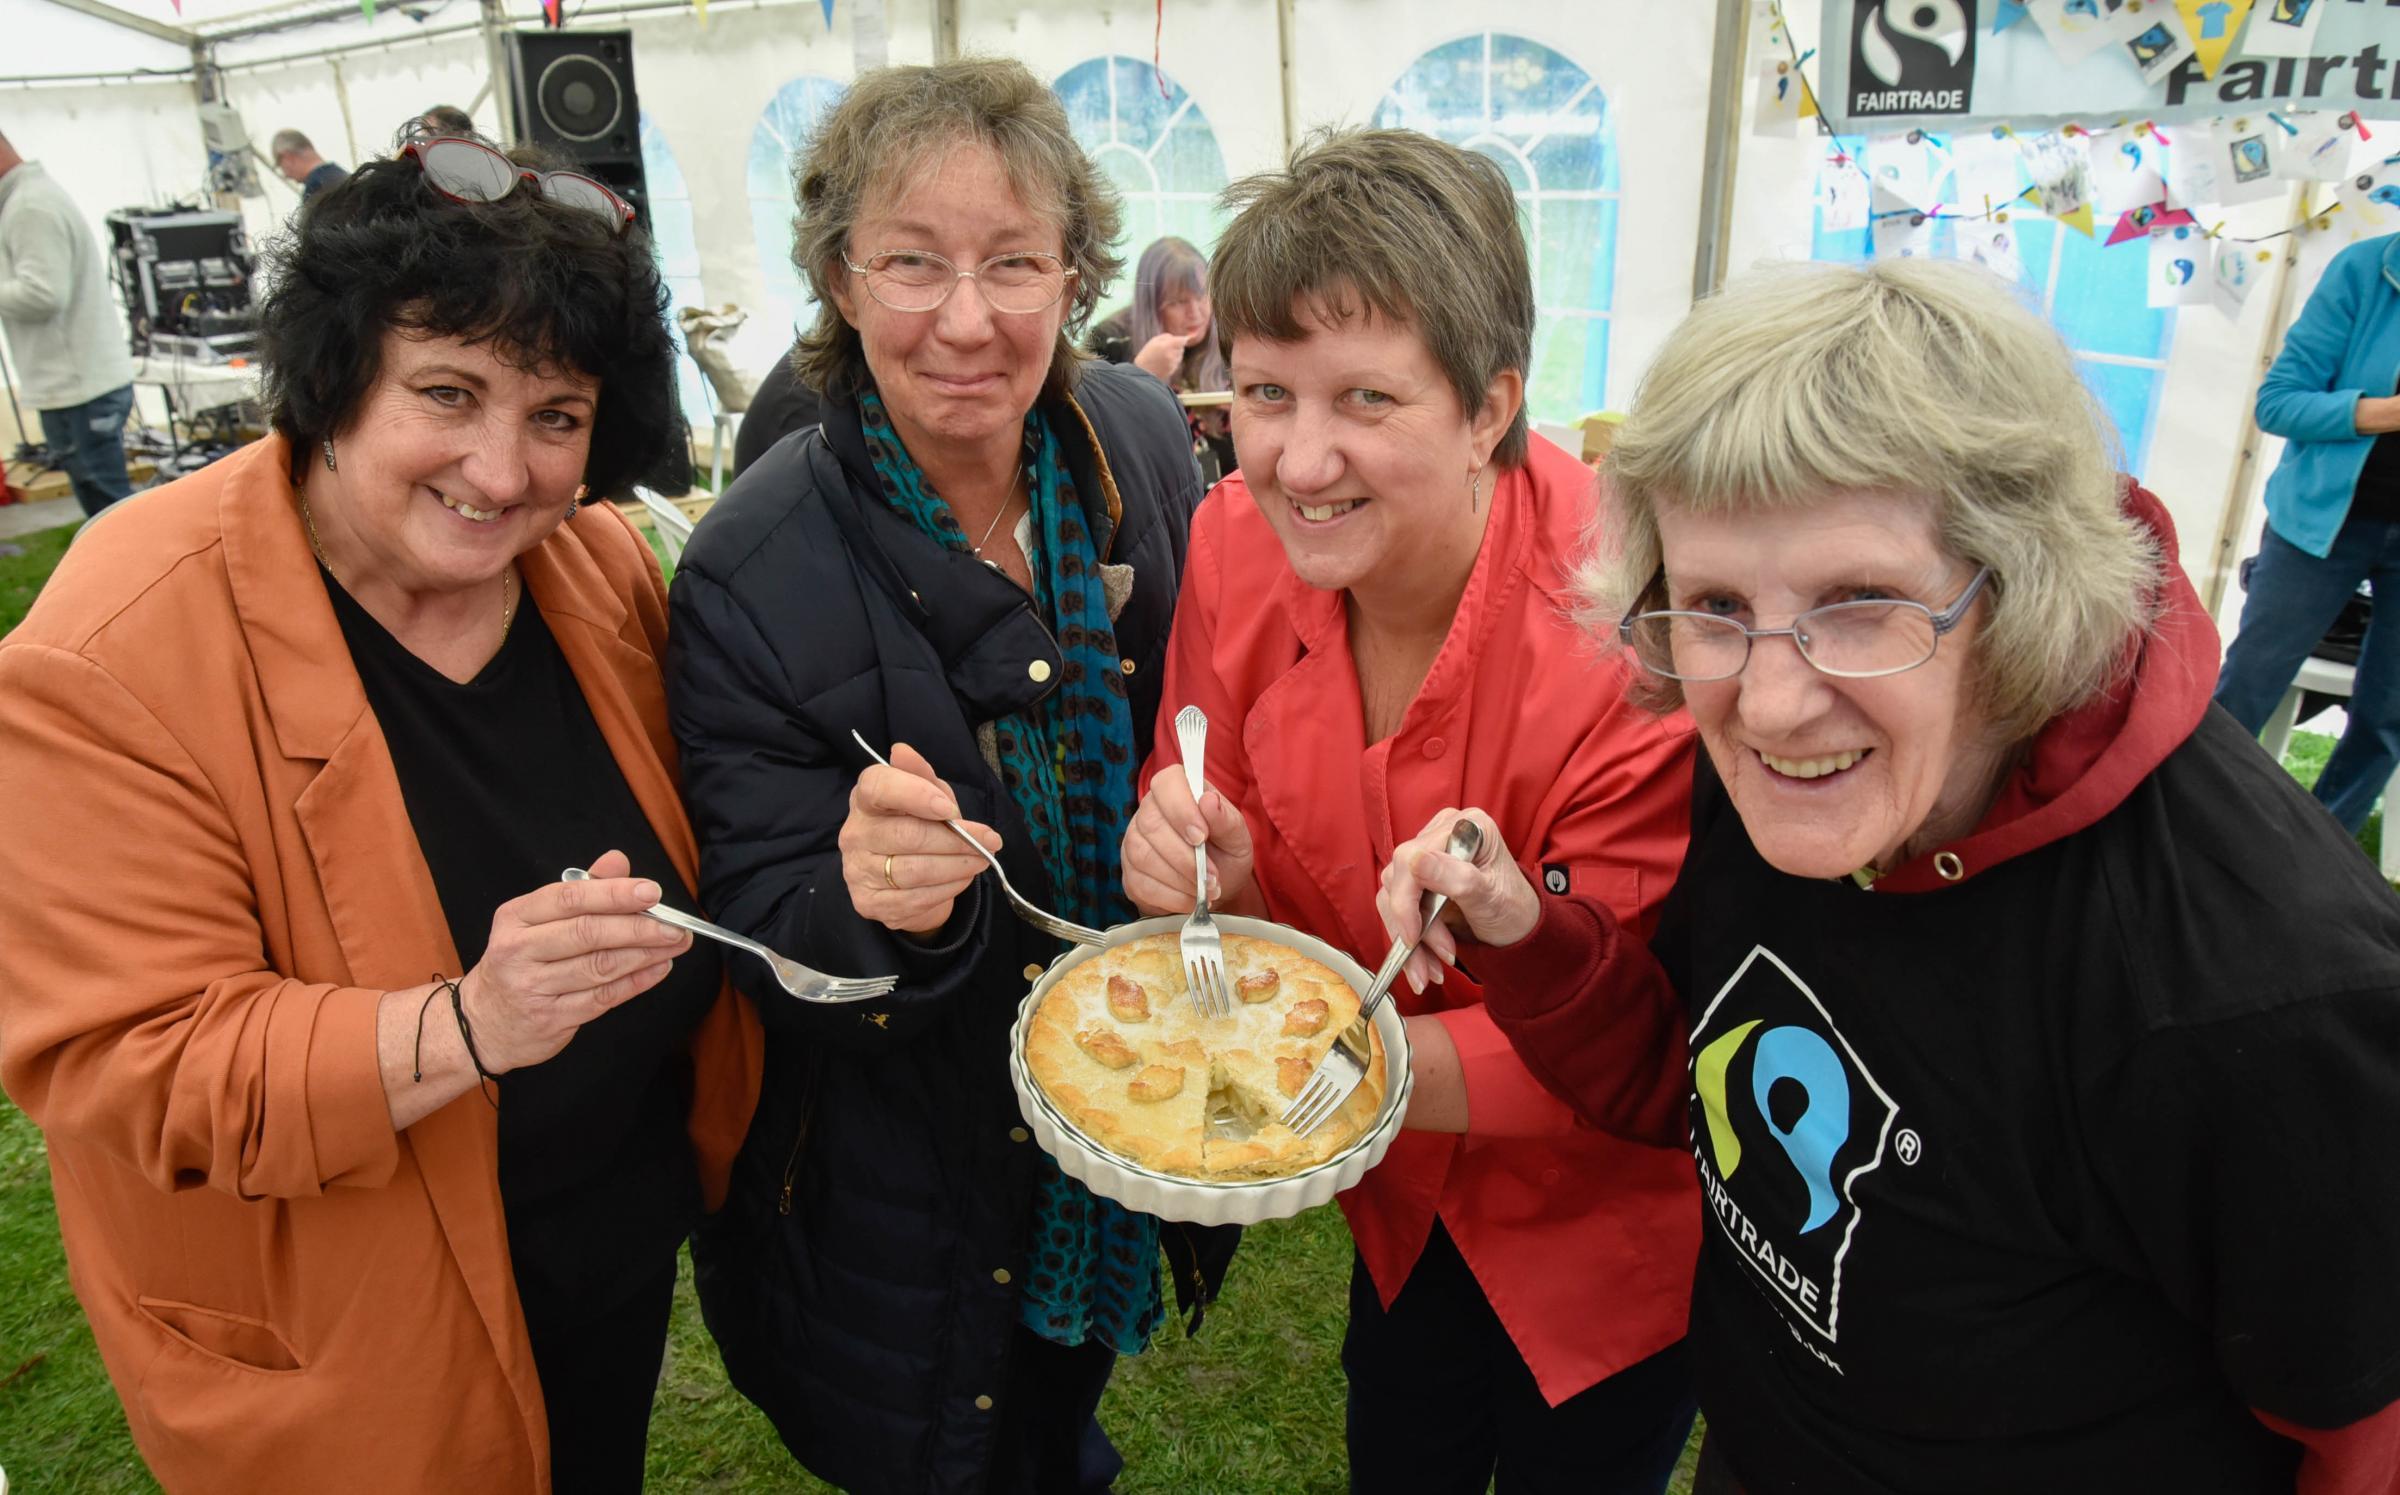 Hunt to find bake off winner following Trowbridge Apple Festival